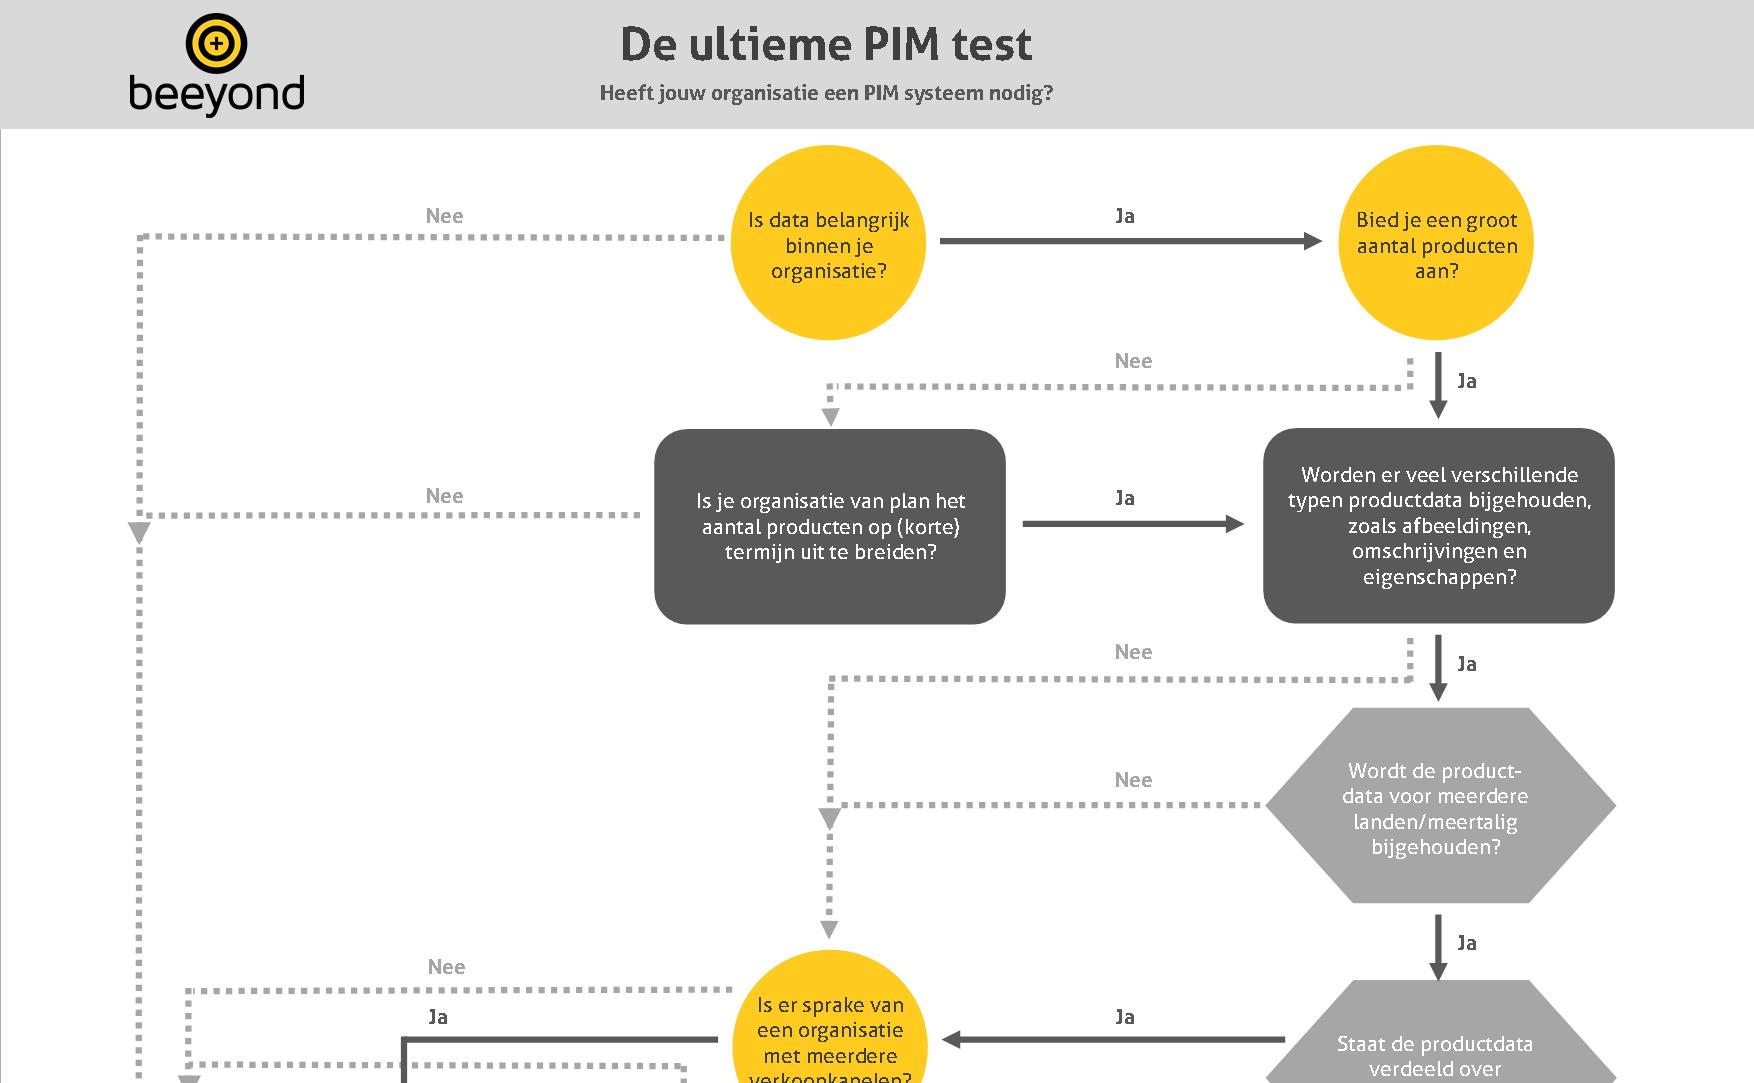 ultieme-pim-test-beeyond-klein